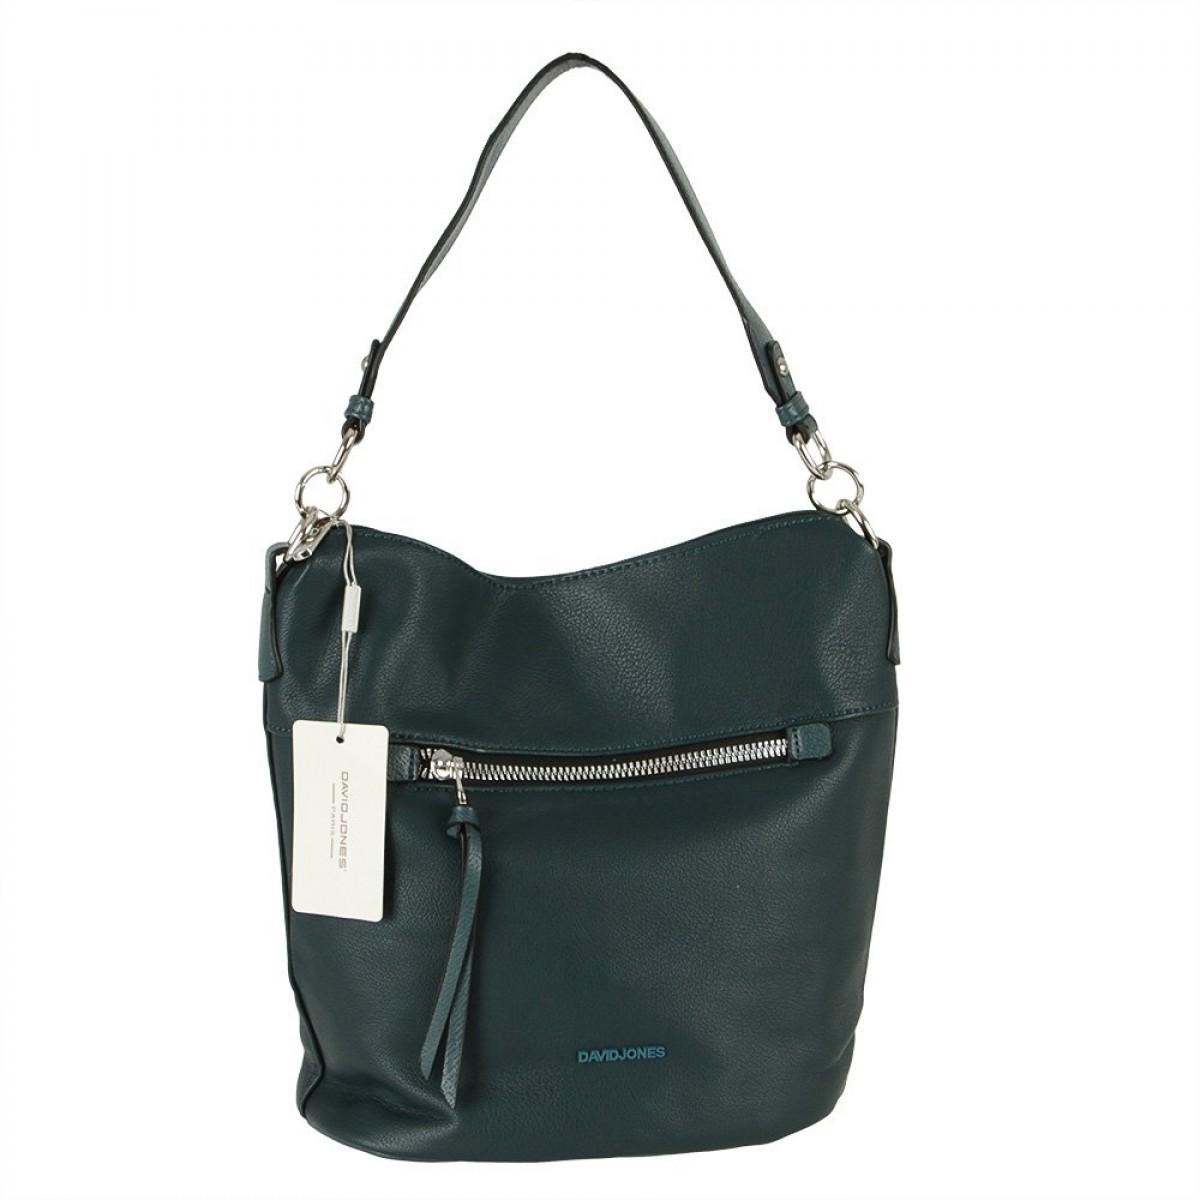 Жіноча сумка David Jones 6296-1 D.GREEN